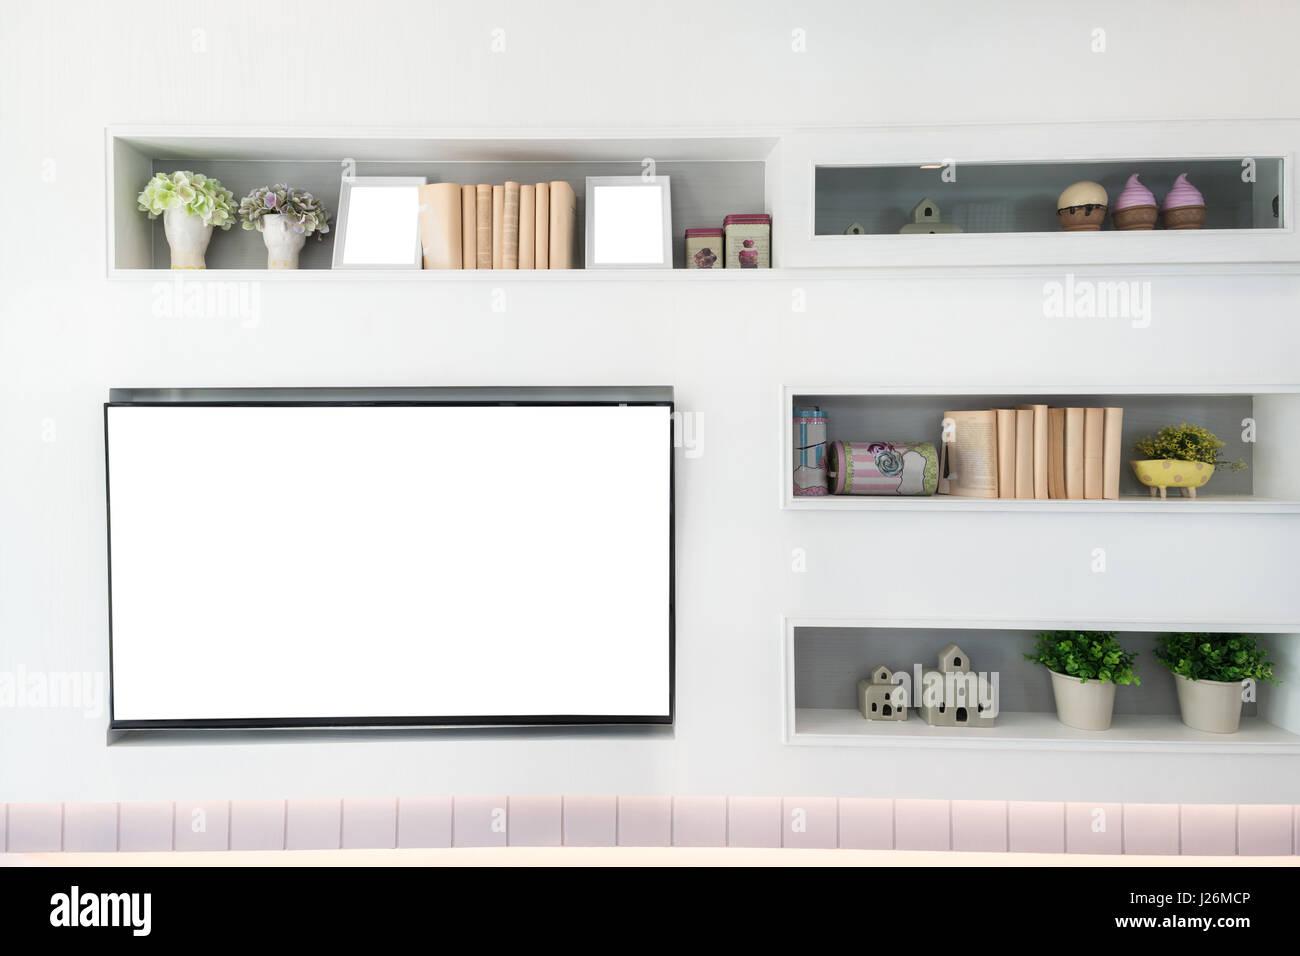 Mobili Contemporanei Soggiorno : Tv e mensola in soggiorno in stile contemporaneo mobili in legno